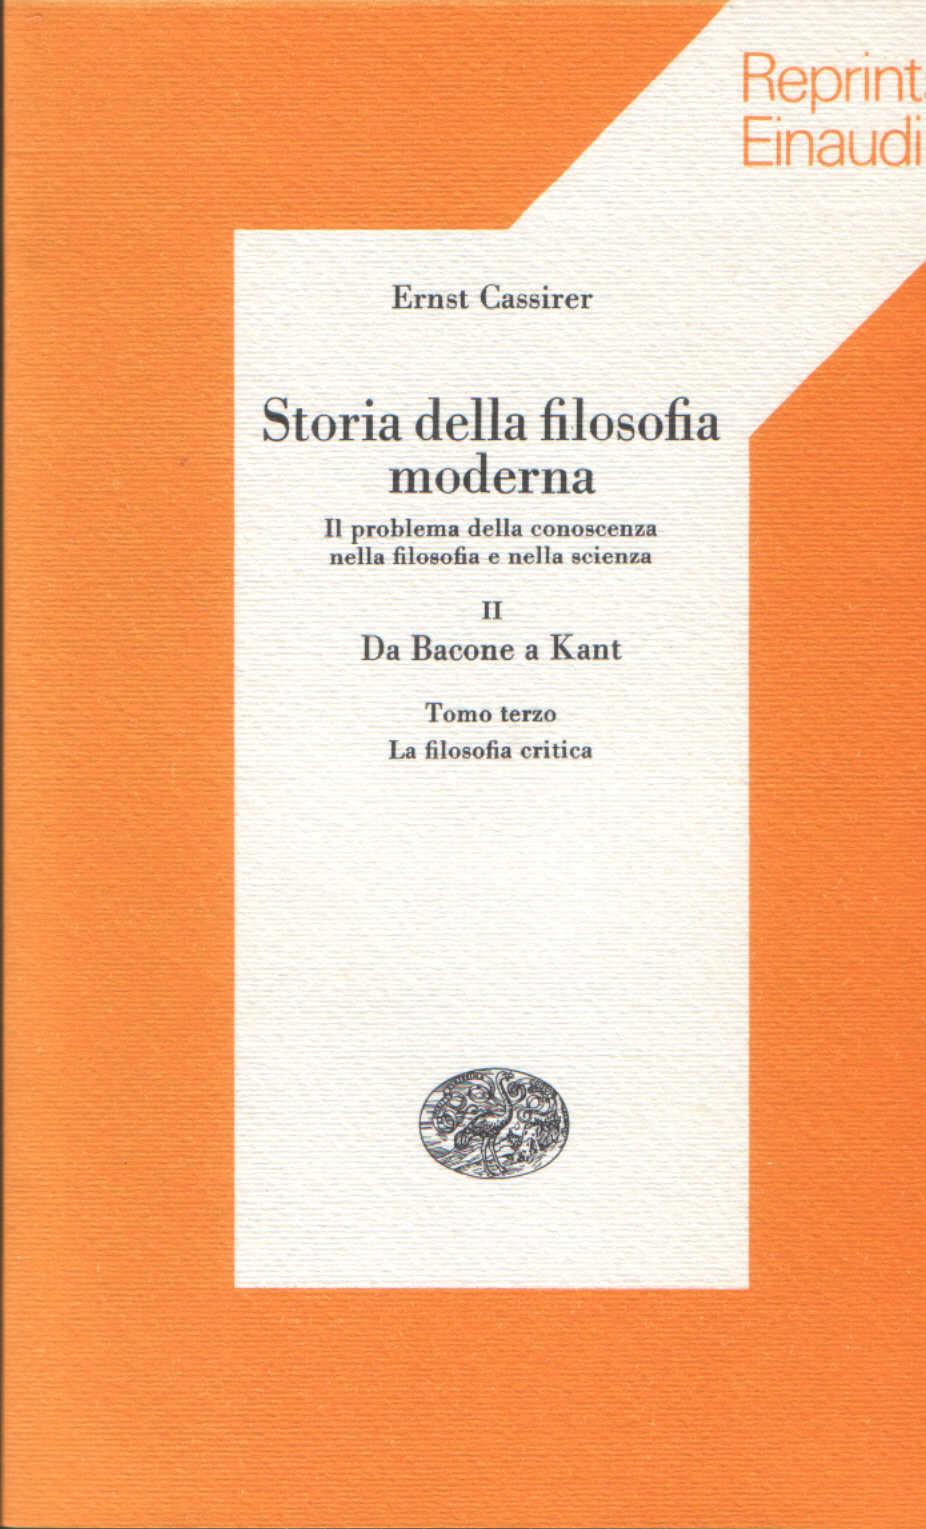 Storia della filosofia moderna vol. II, tomo terzo